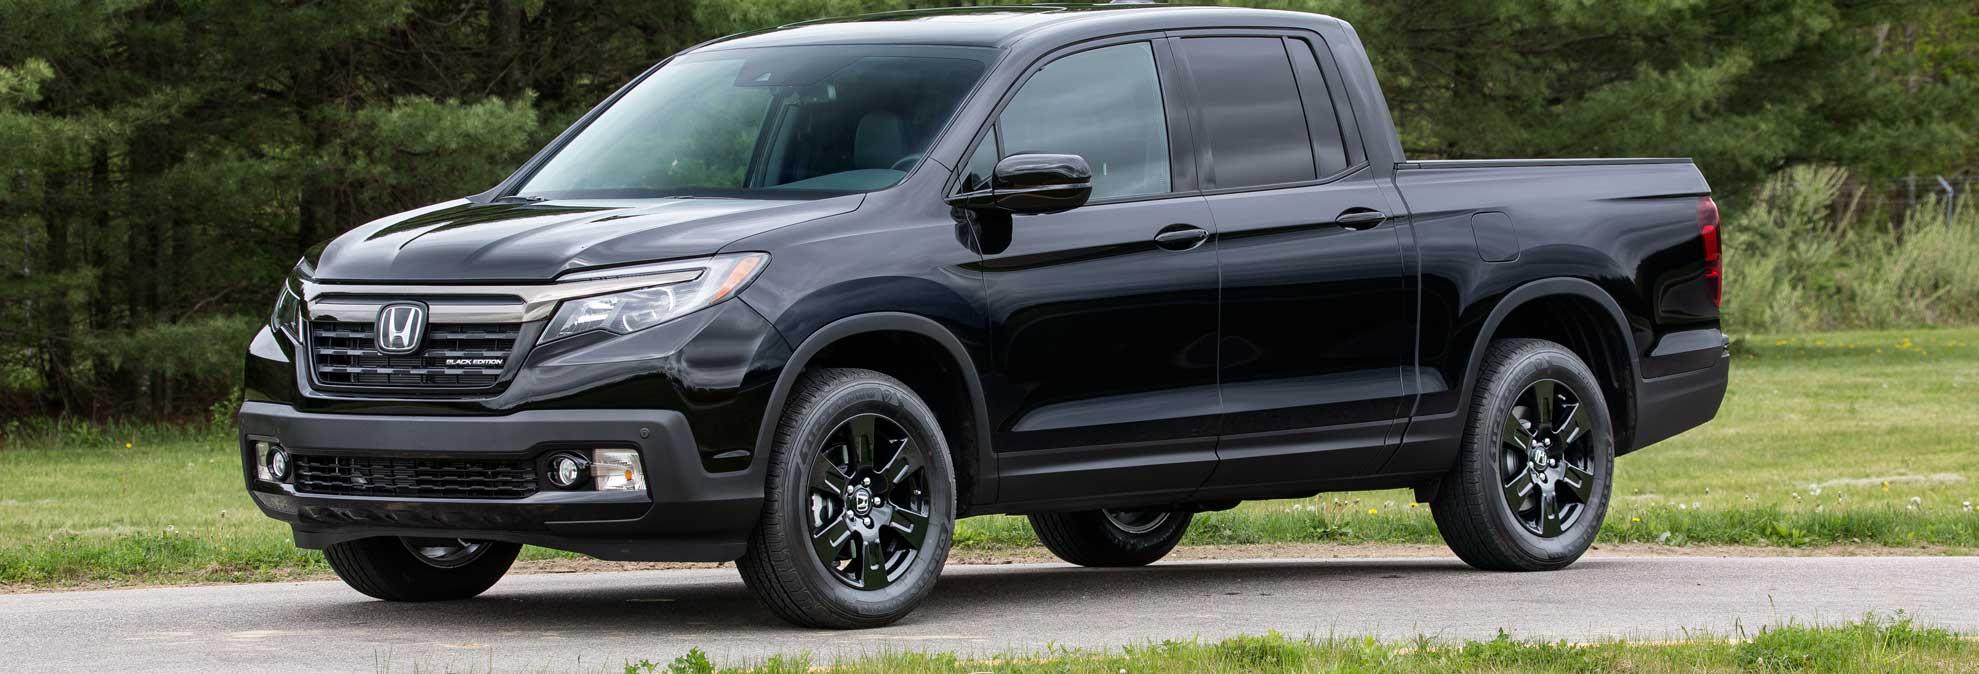 2017 Honda Ridgeline Pickup - Consumer Reports